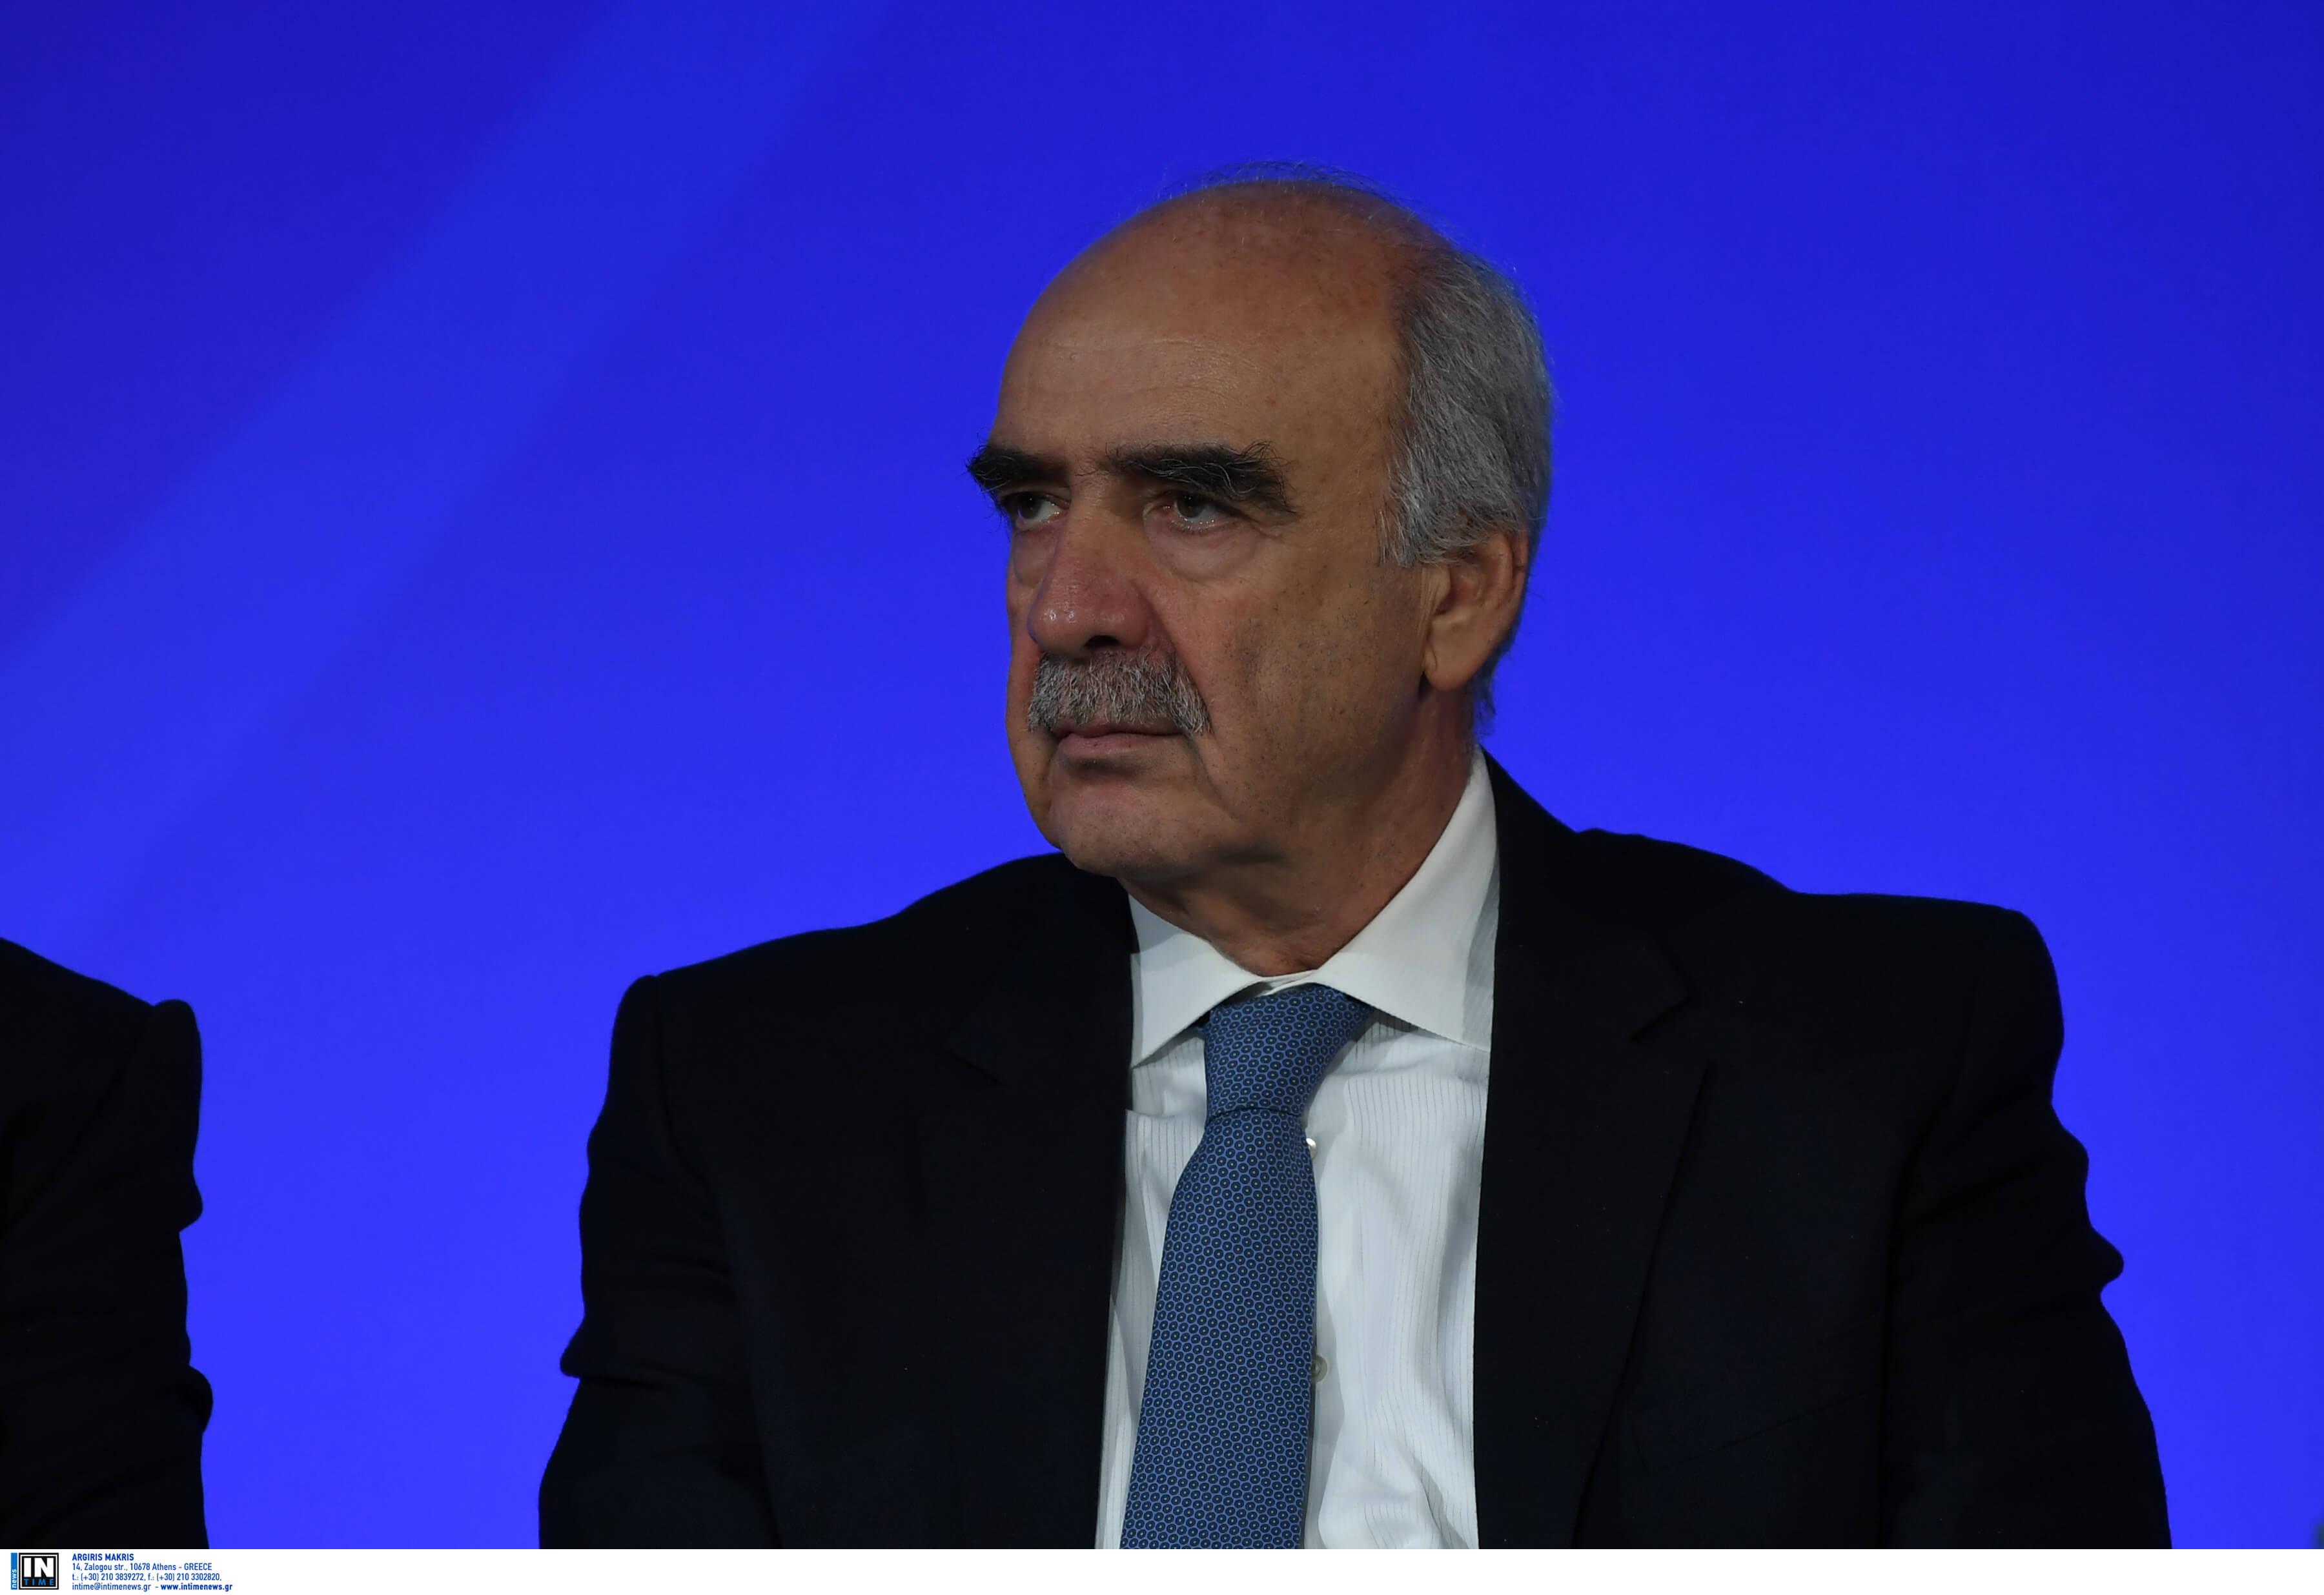 Μεϊμαράκης: Πήχης είναι να καταγραφεί η πιο μεγάλη νίκη για τη ΝΔ